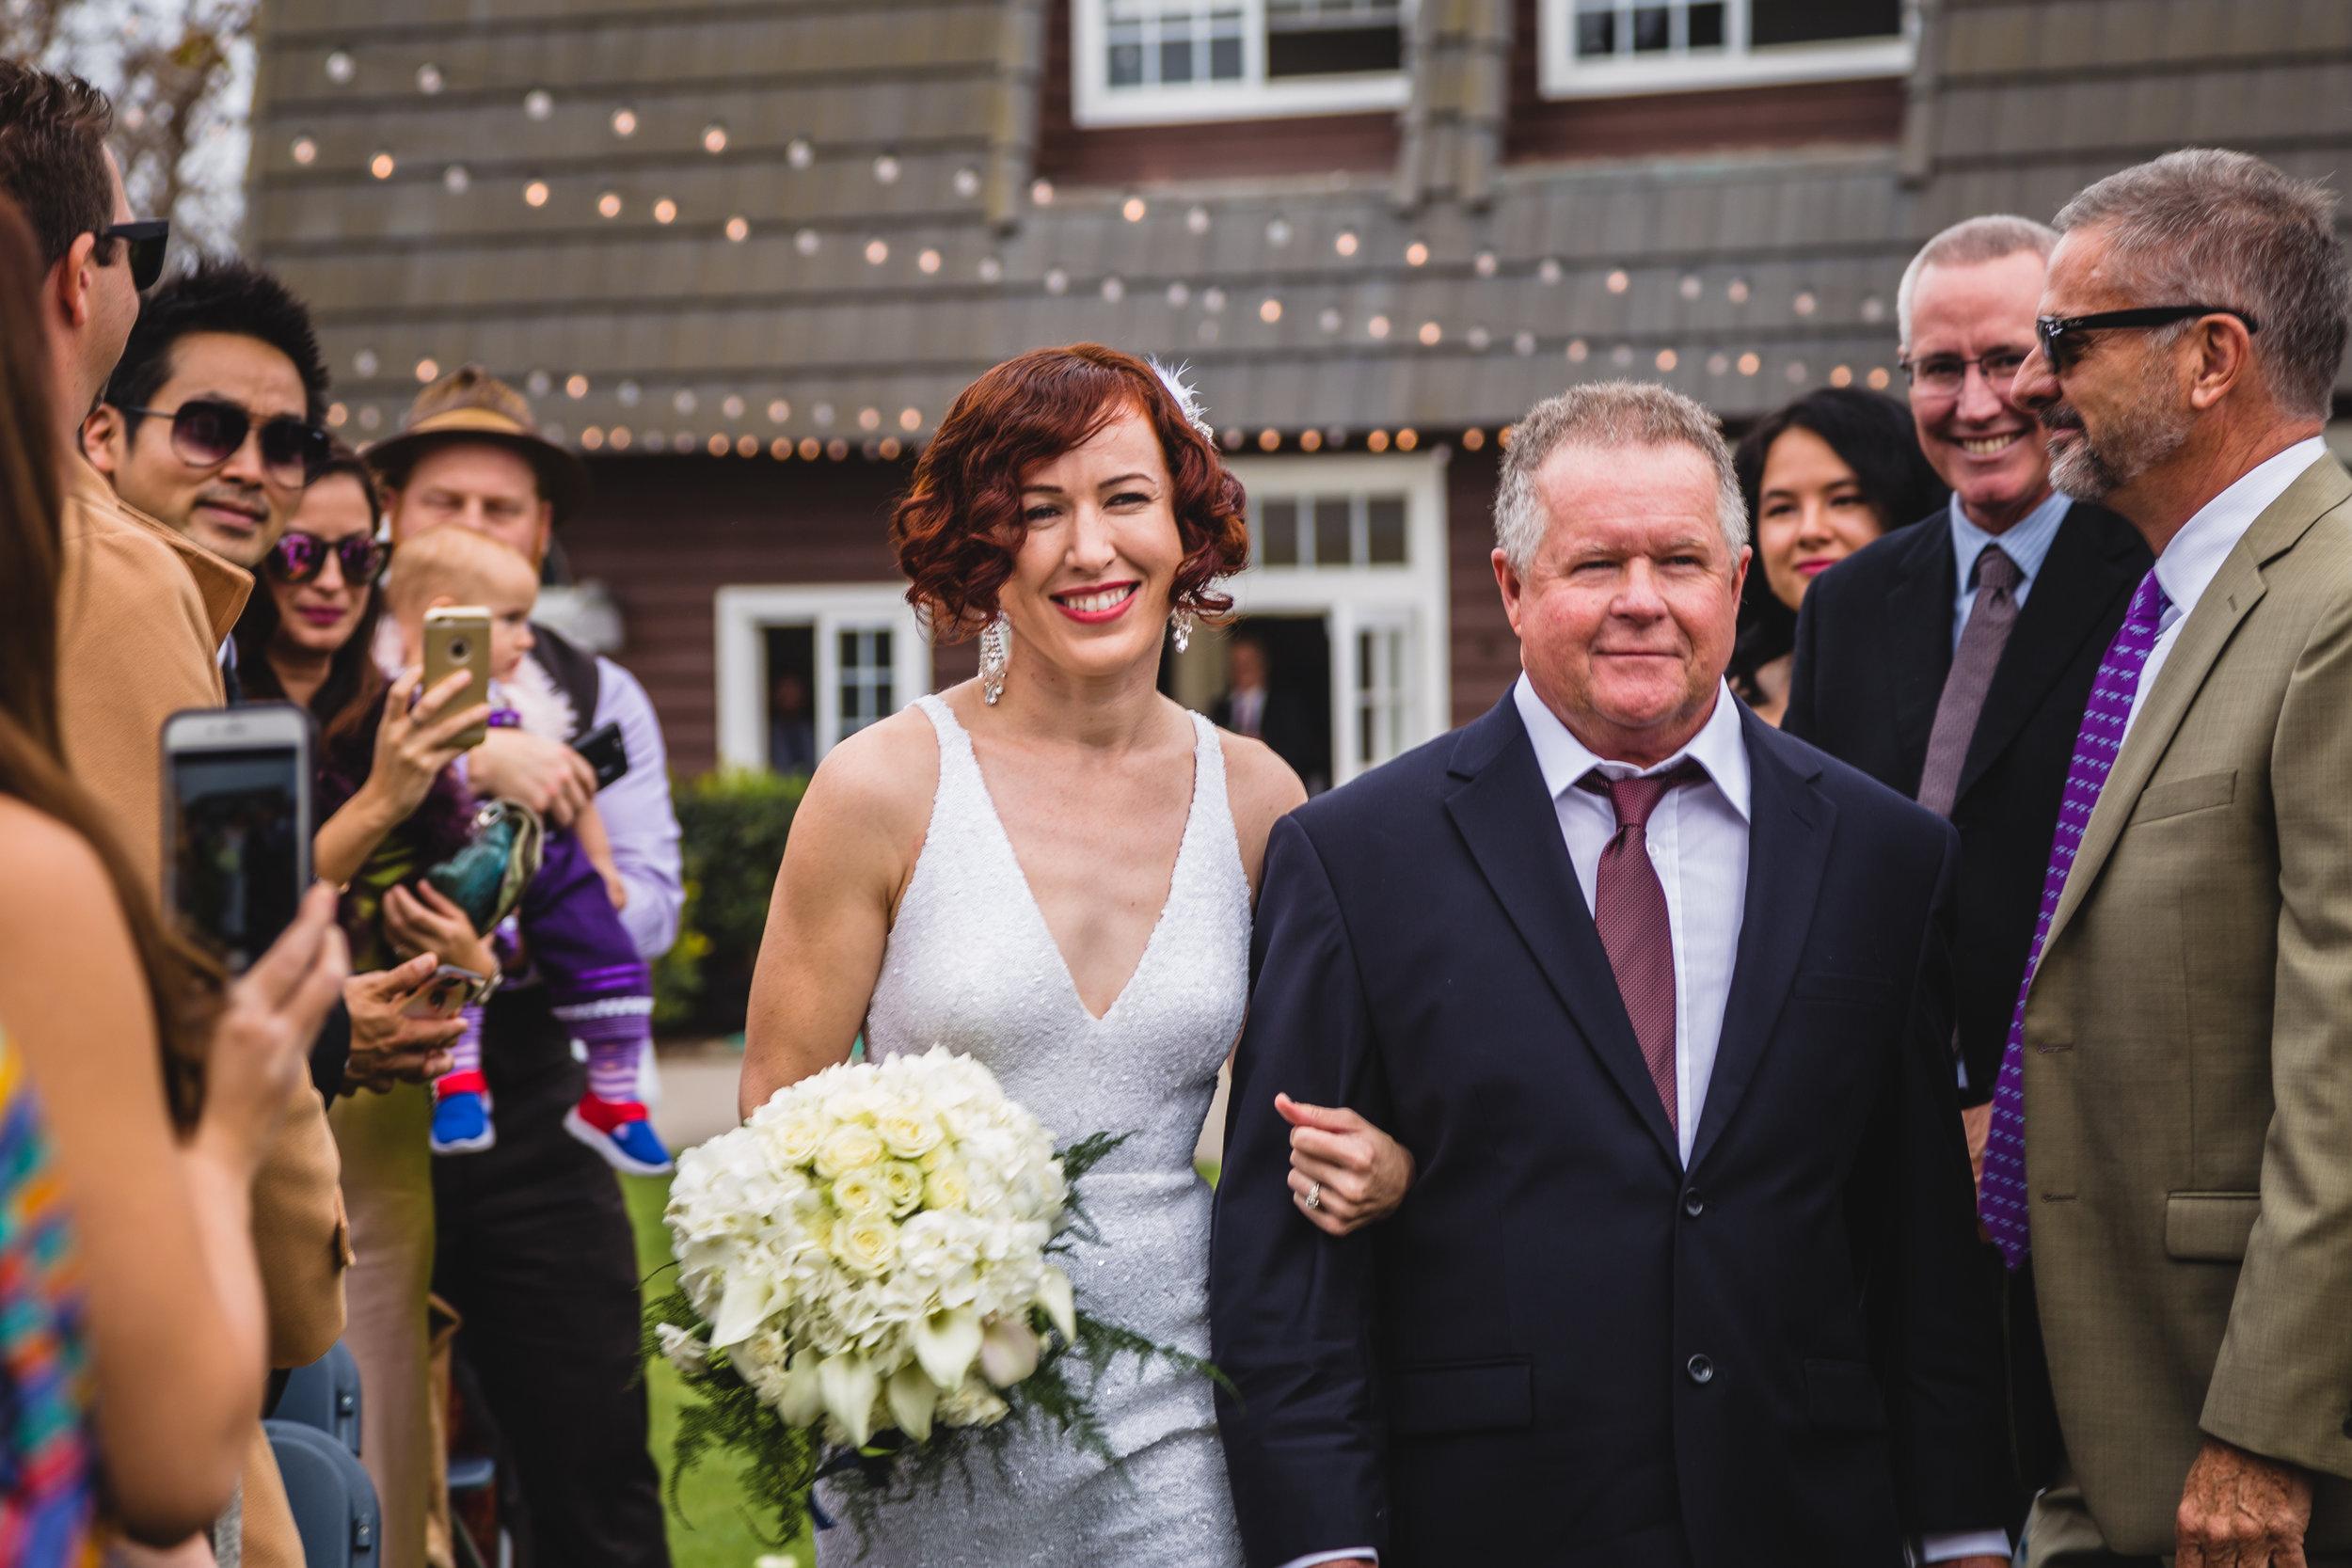 newland-barn-diy-wedding-rebeccaylasotras